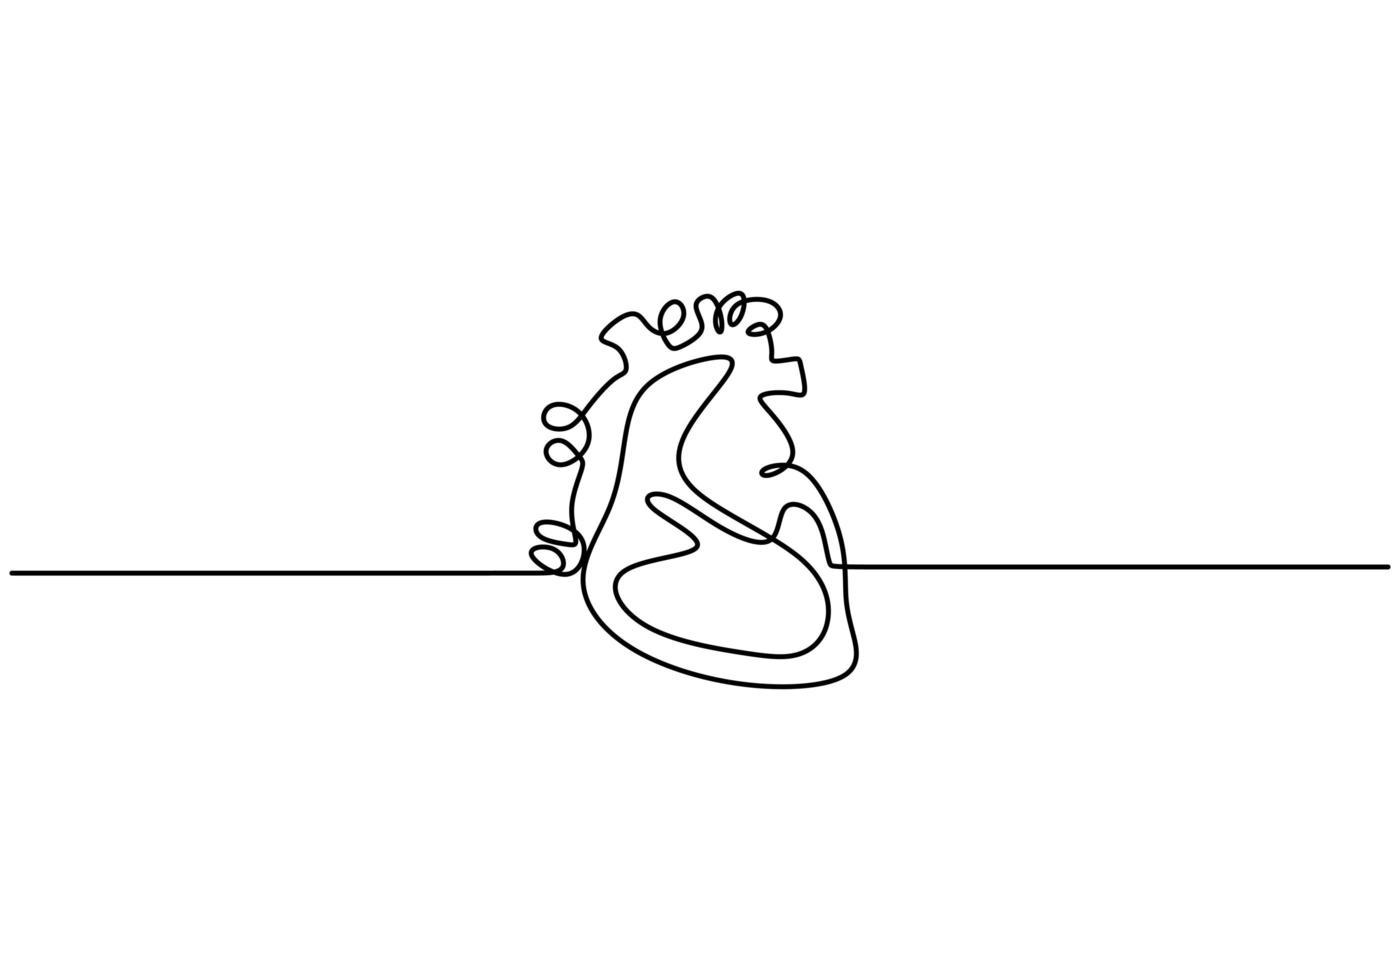 silhouette de coeur humain anatomique art ligne continue unique vecteur